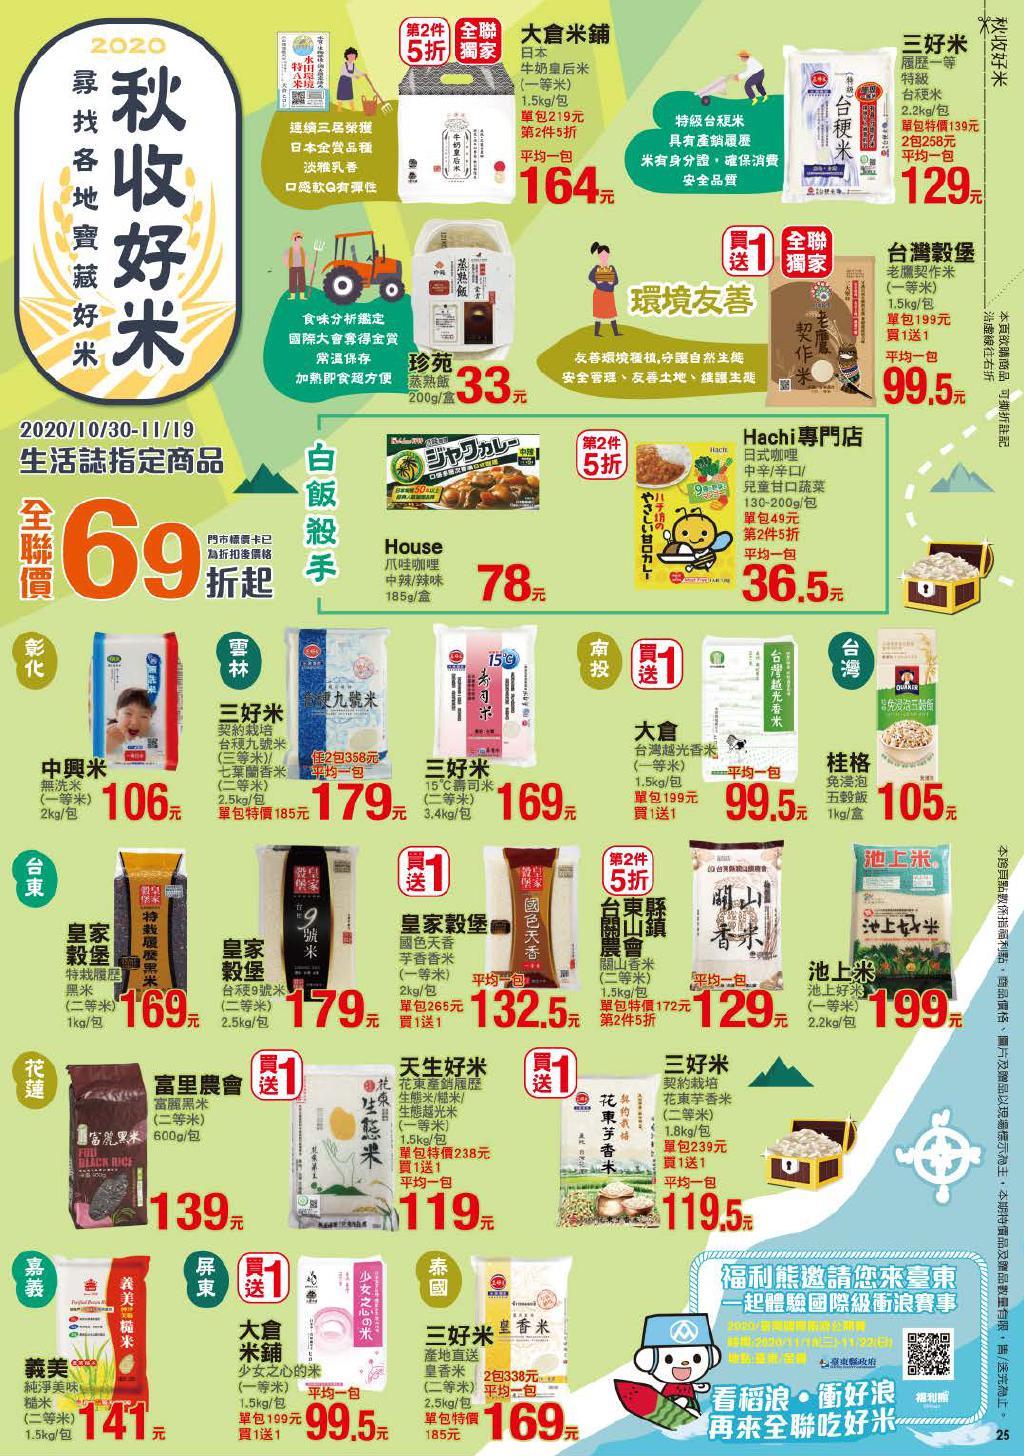 pxmart20201119_000025.jpg